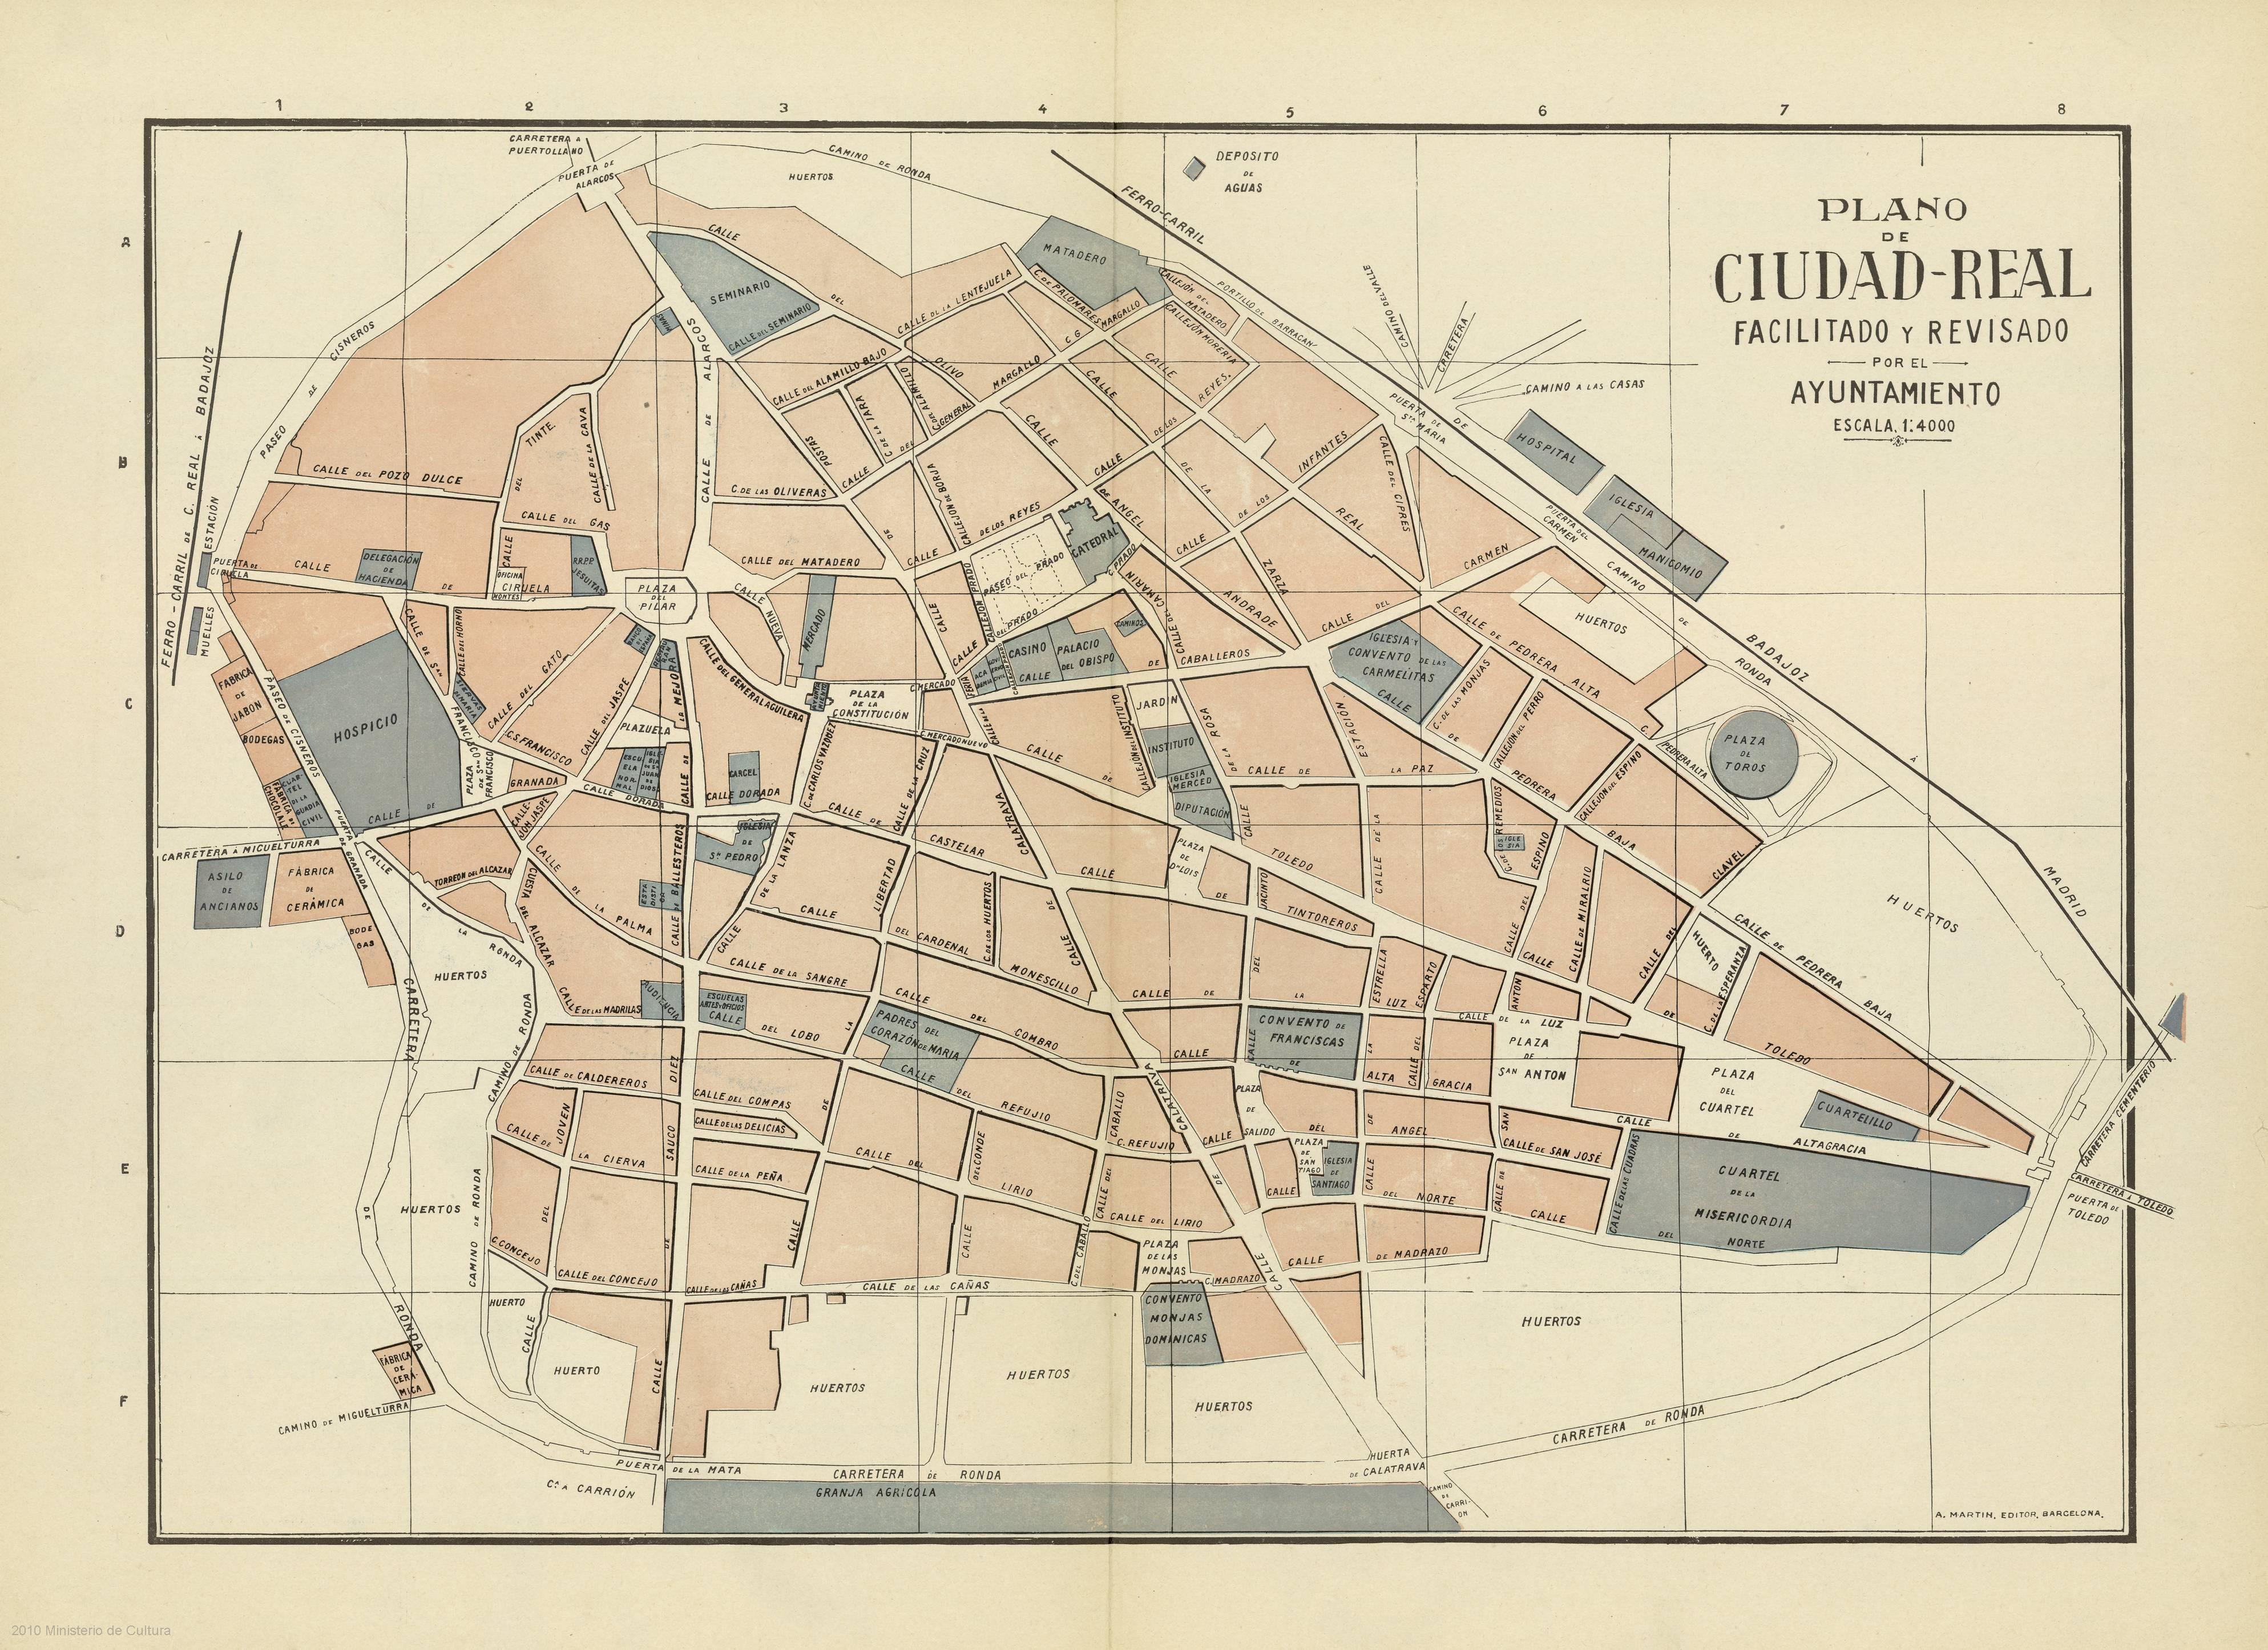 Bvpb b squeda sencilla plano de ciudad real at 16b 35 - Plano de ciudad real ...